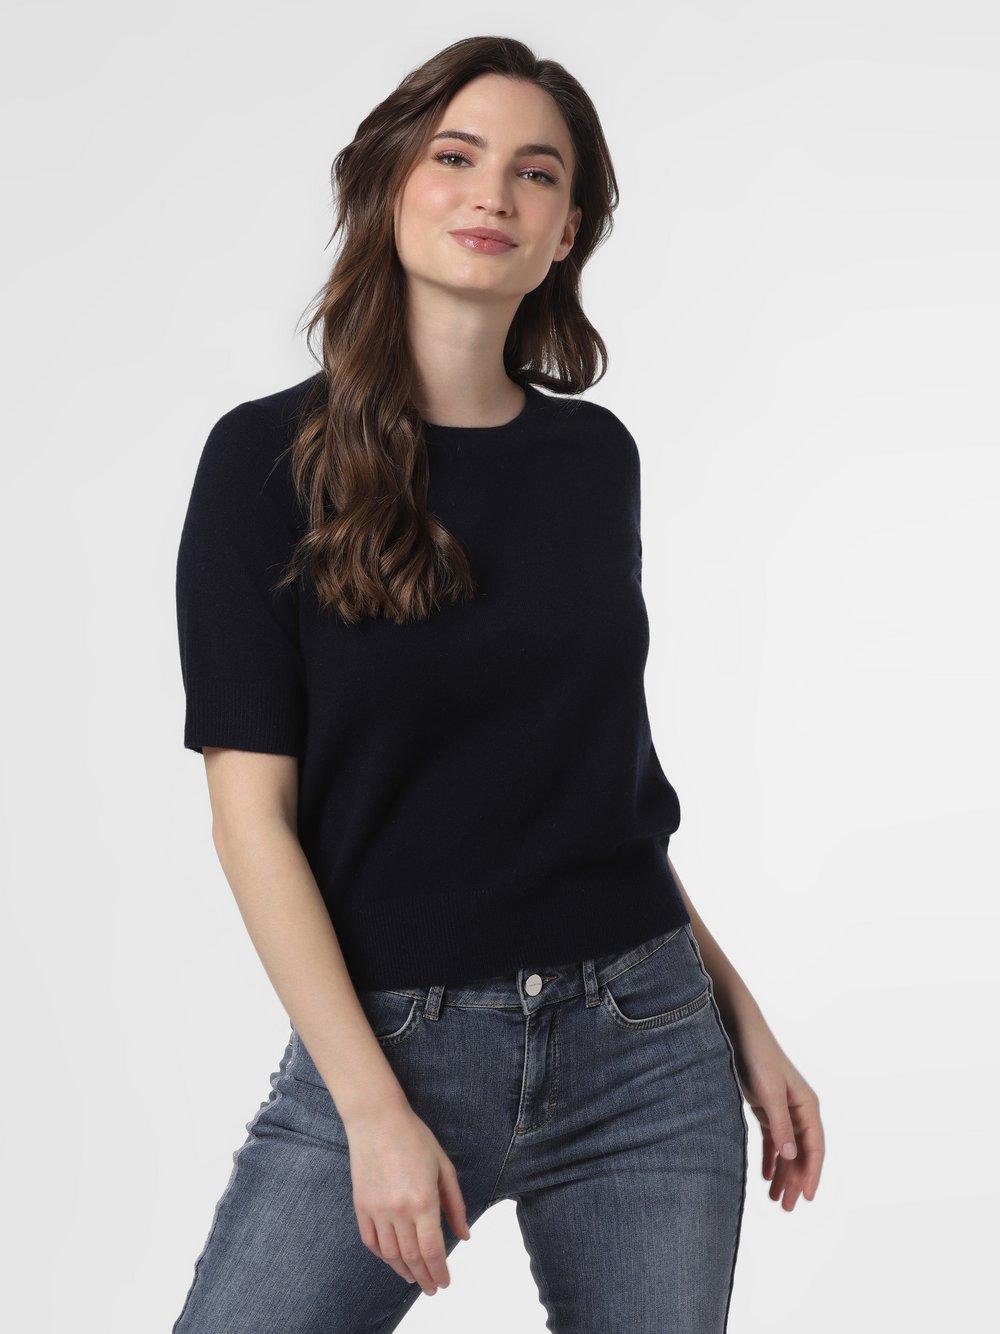 SvB Exquisit – Sweter damski z czystego kaszmiru, niebieski Van Graaf 461344-0001-00360